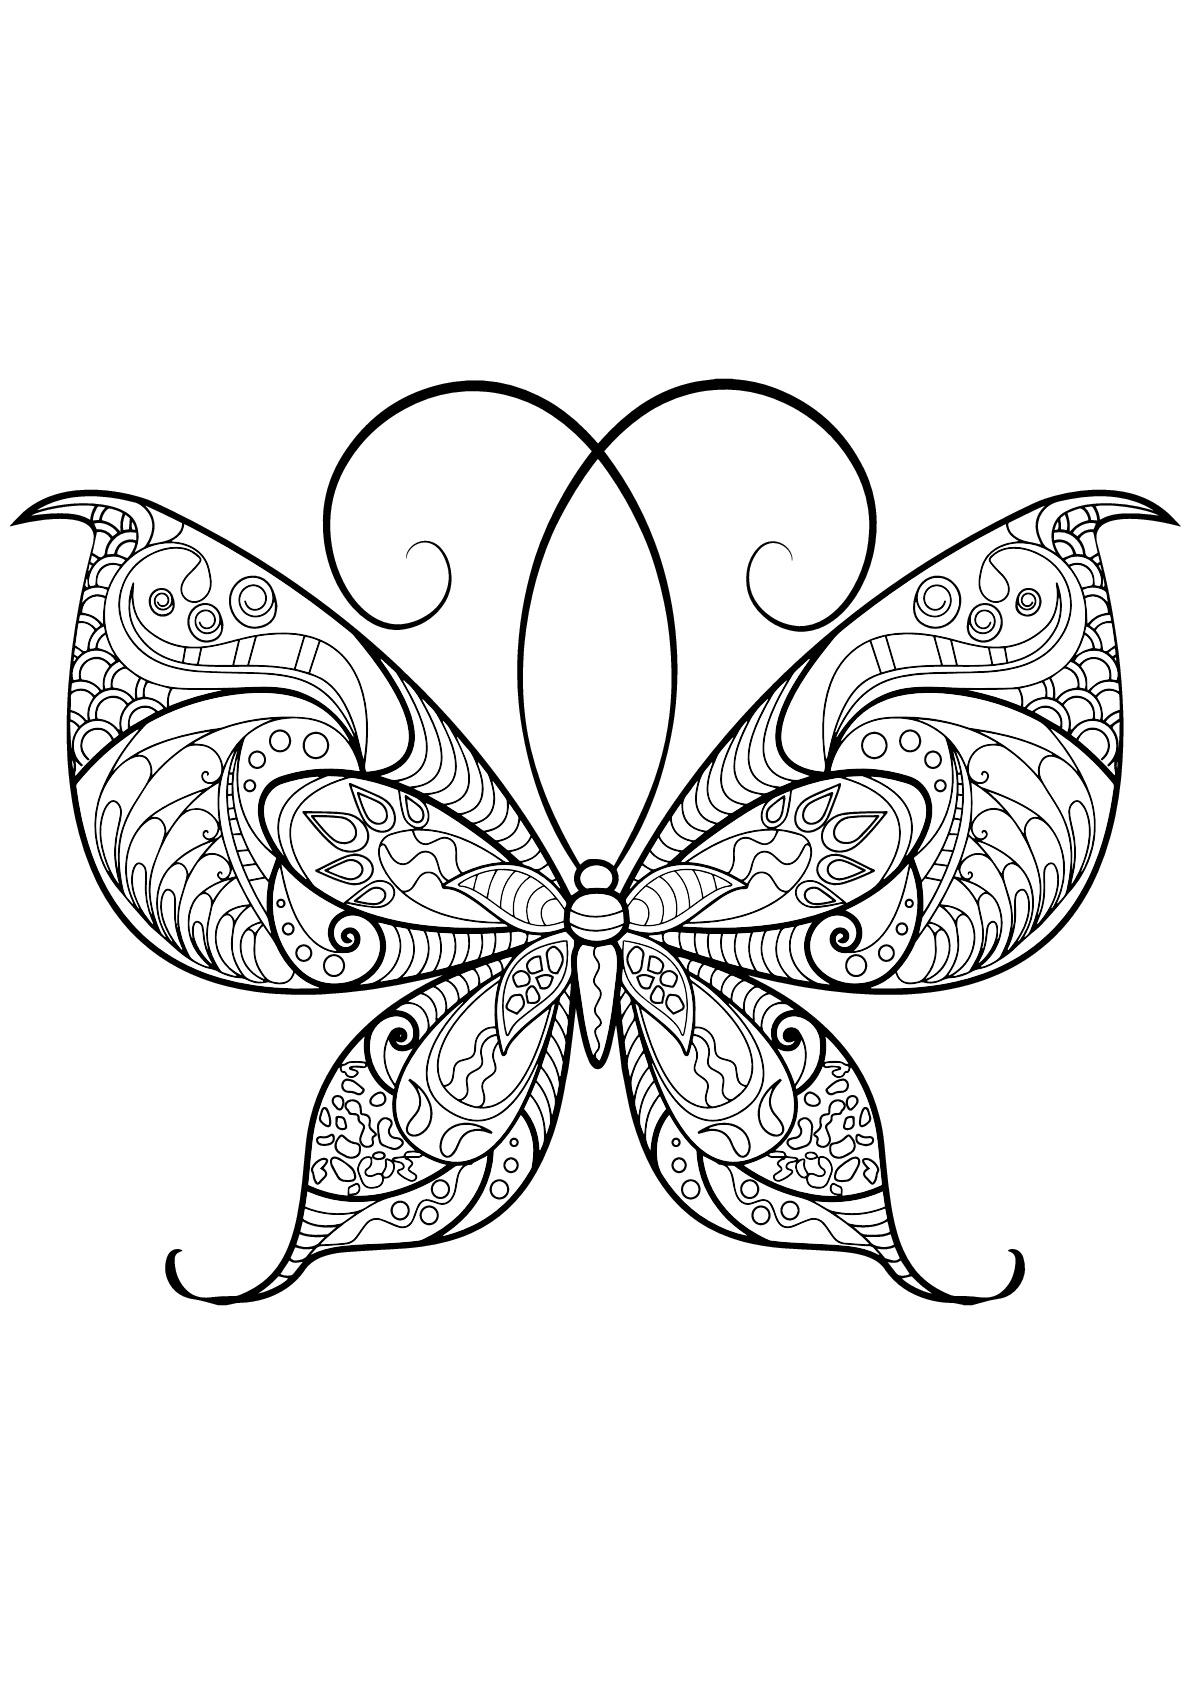 Papillon jolis motifs 13 papillons insectes coloriages difficiles pour adultes - Coloriage de papillon ...